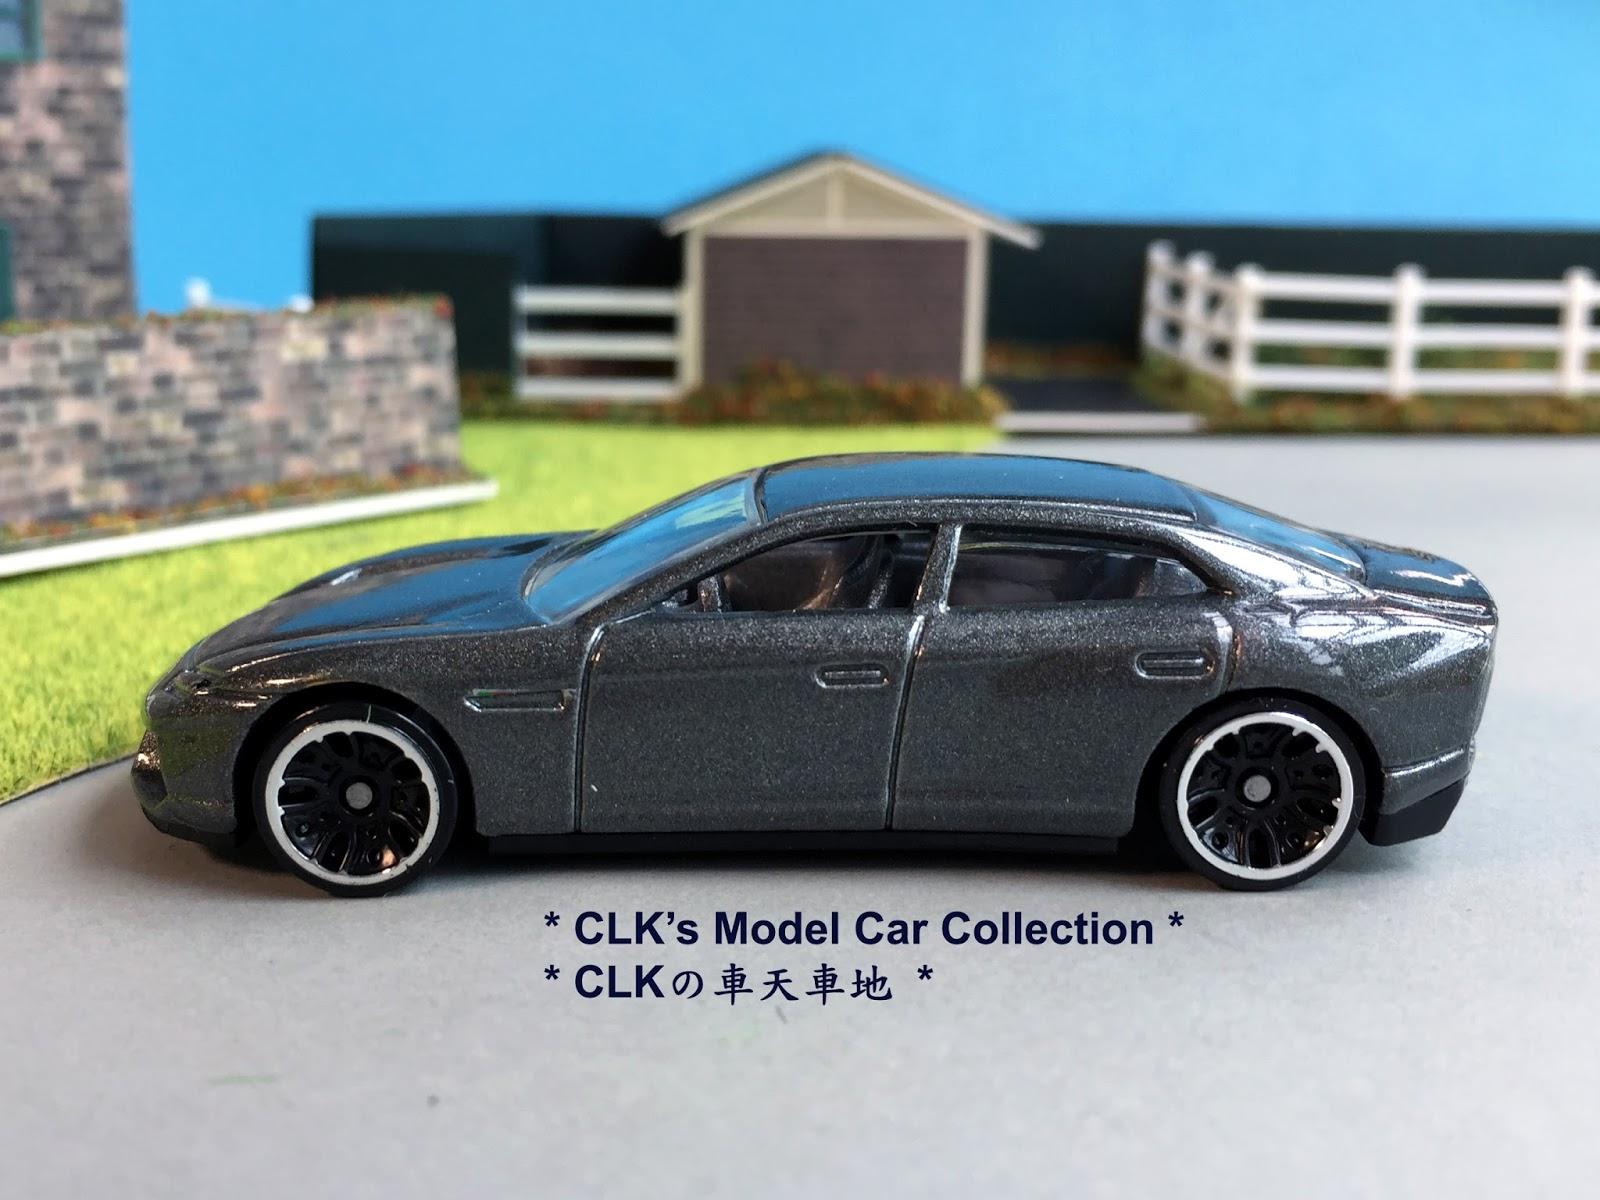 Clks Model Car Collection Clk Hot Wheels 2011 New Lamborghini Estoque Scale Made In Malaysia Mattel